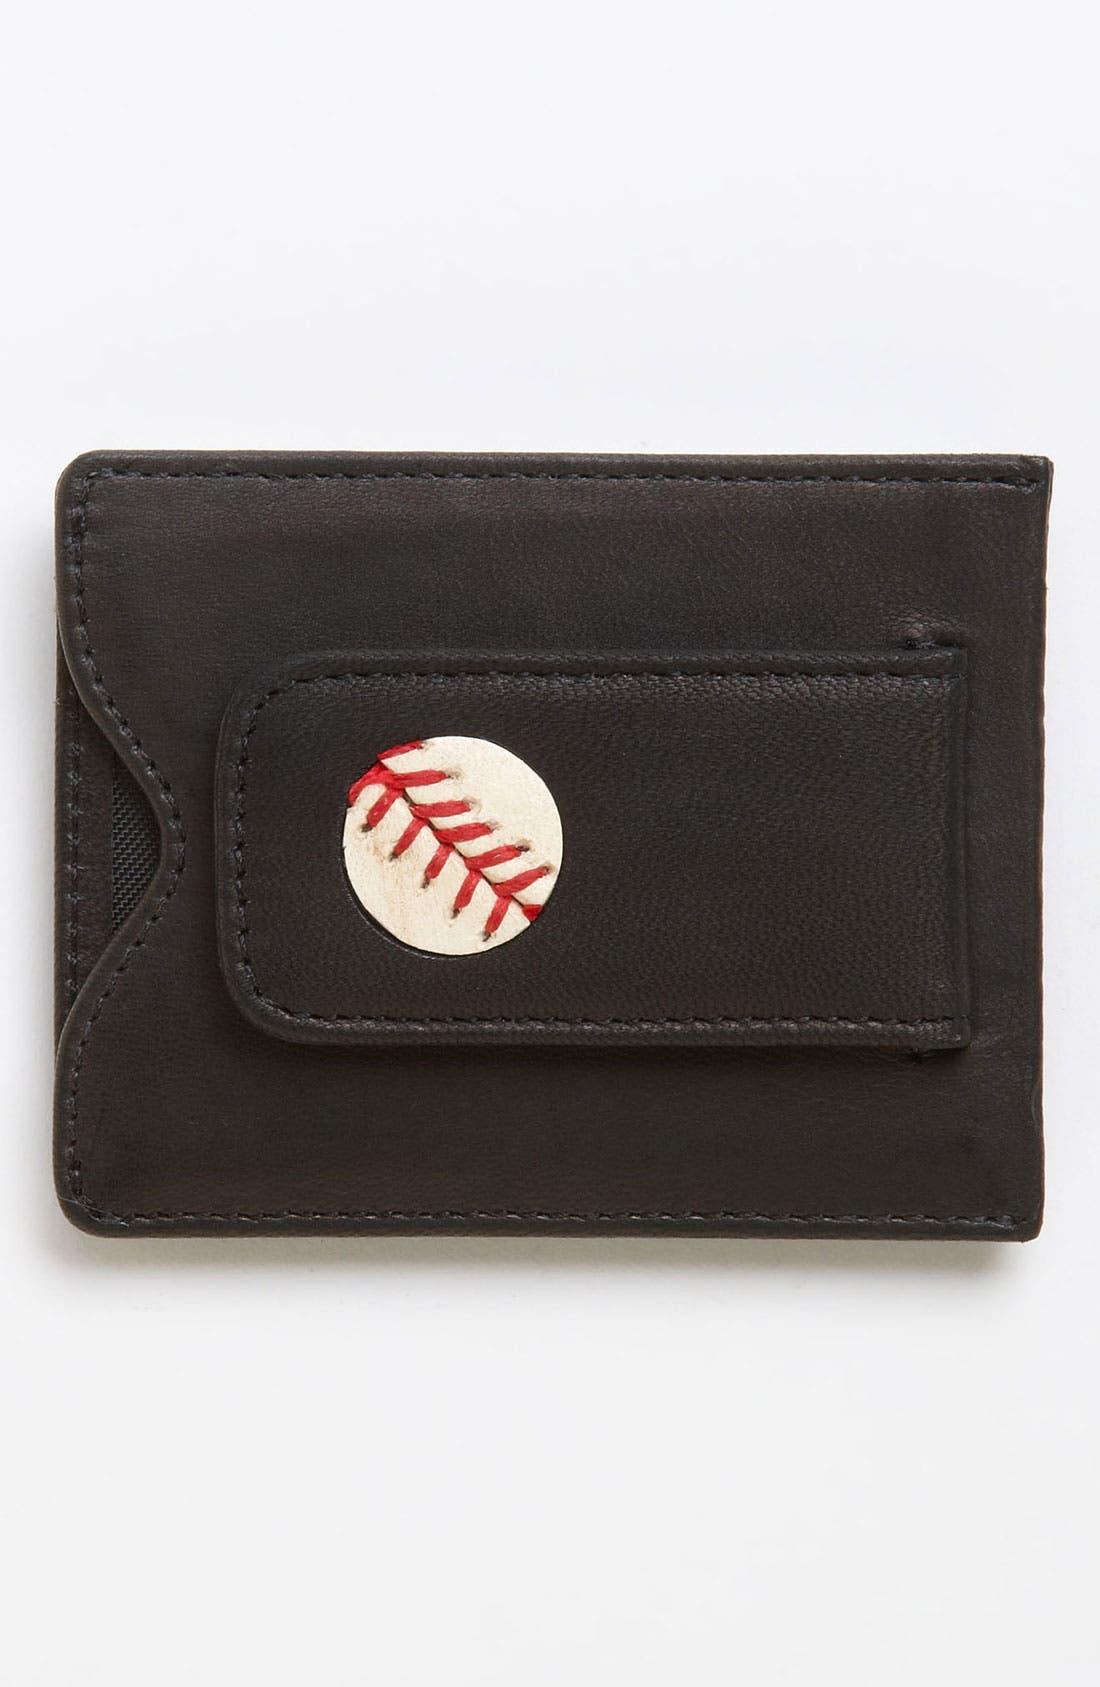 Main Image - Tokens & Icons 'Washington Nationals' MLB™ Game-Played-Baseball Card Case